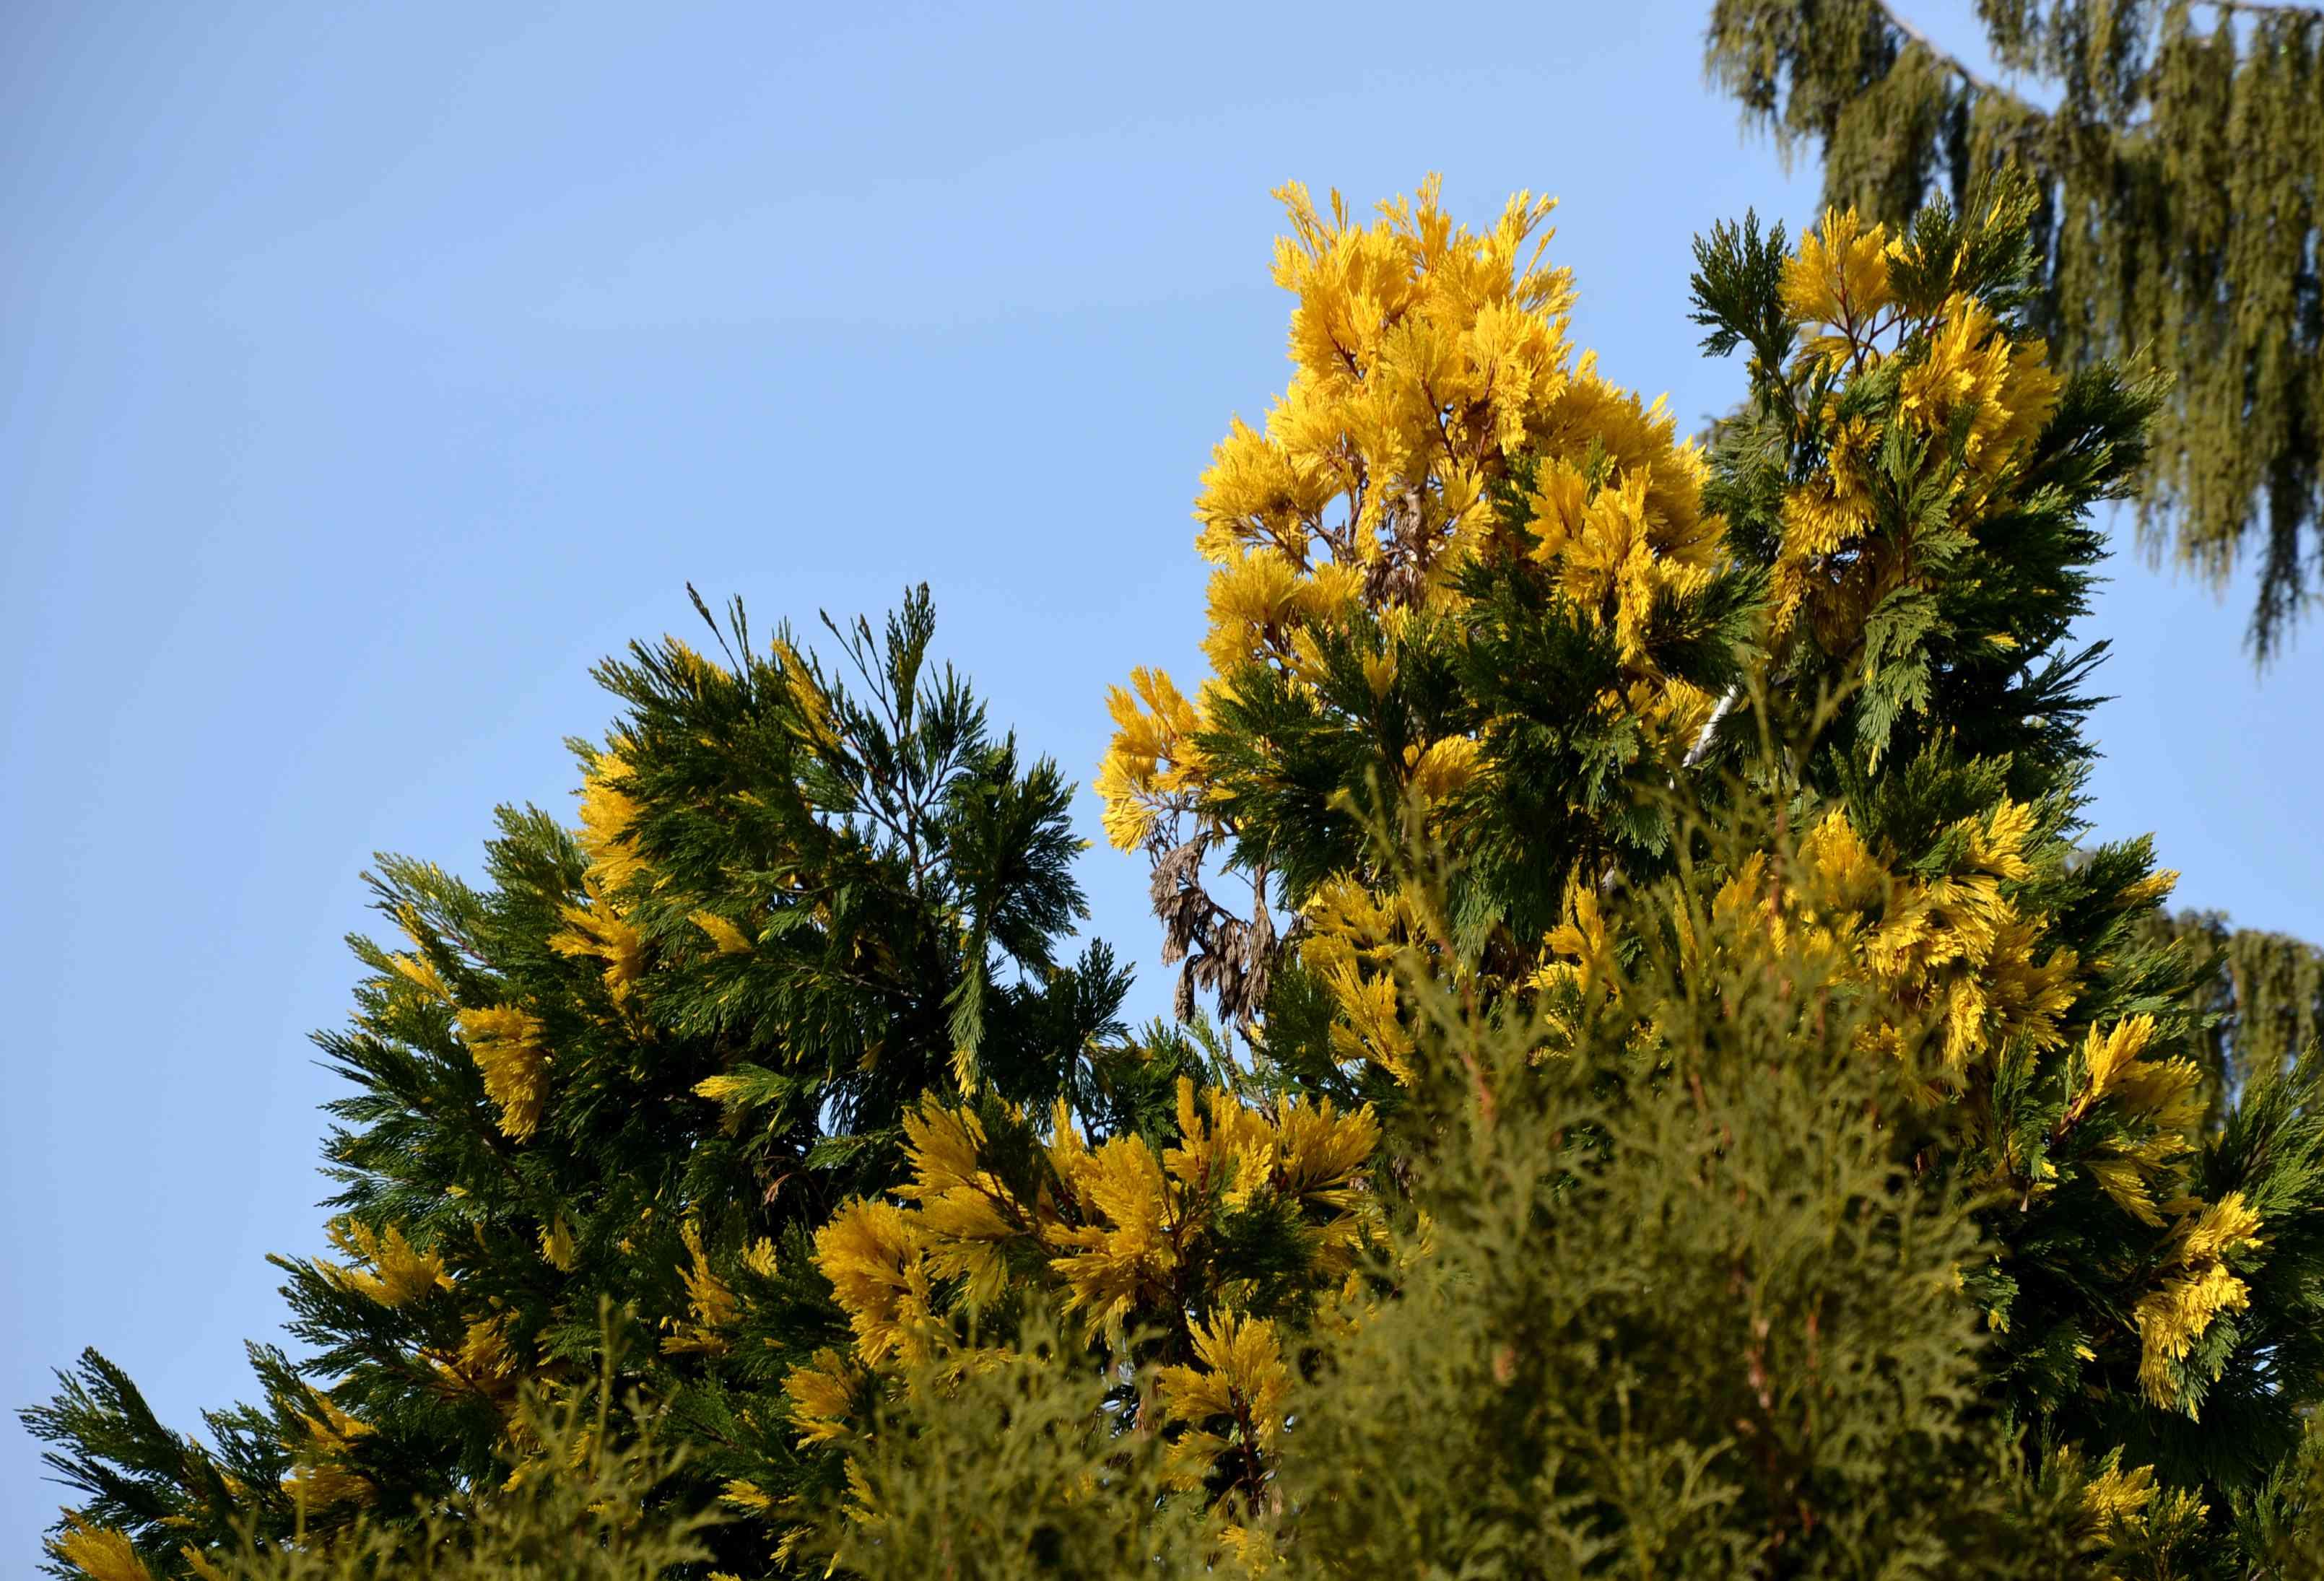 The golden arborvitae is an evergreen shrub